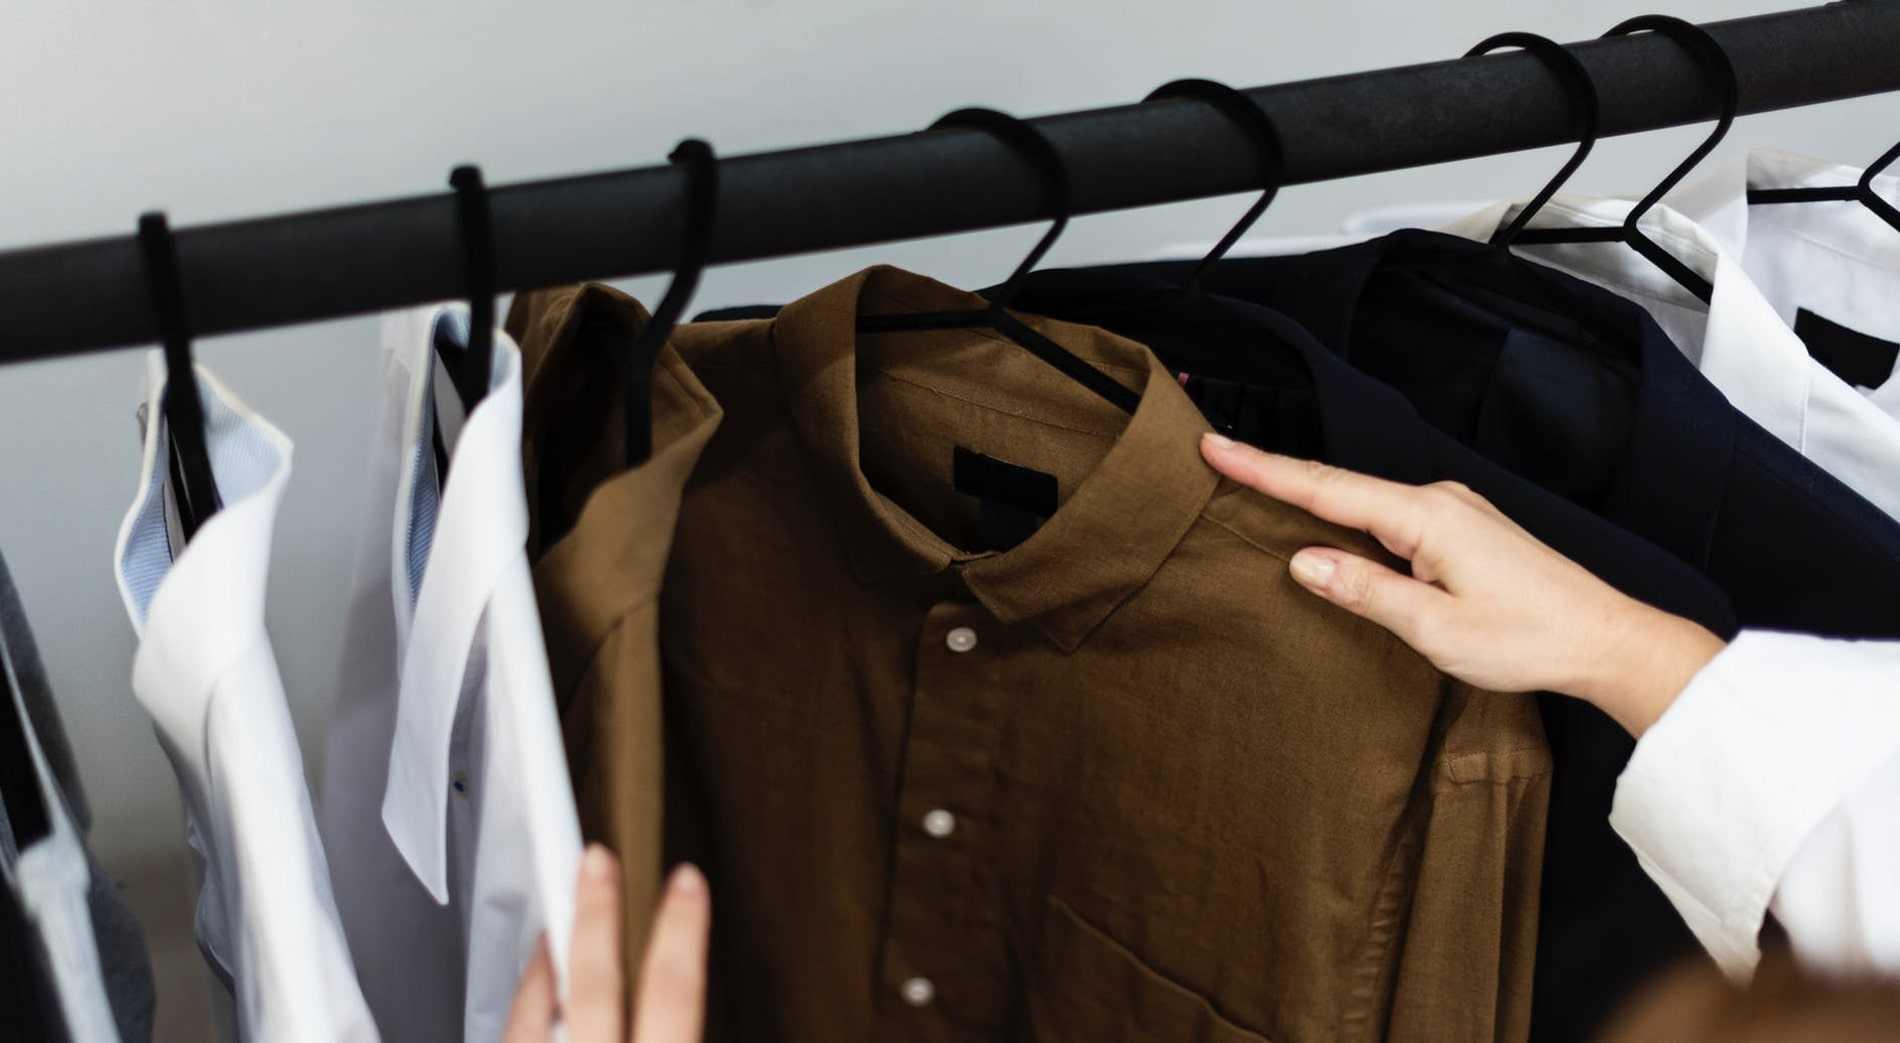 Beli gantungan baju stylish lumikasa